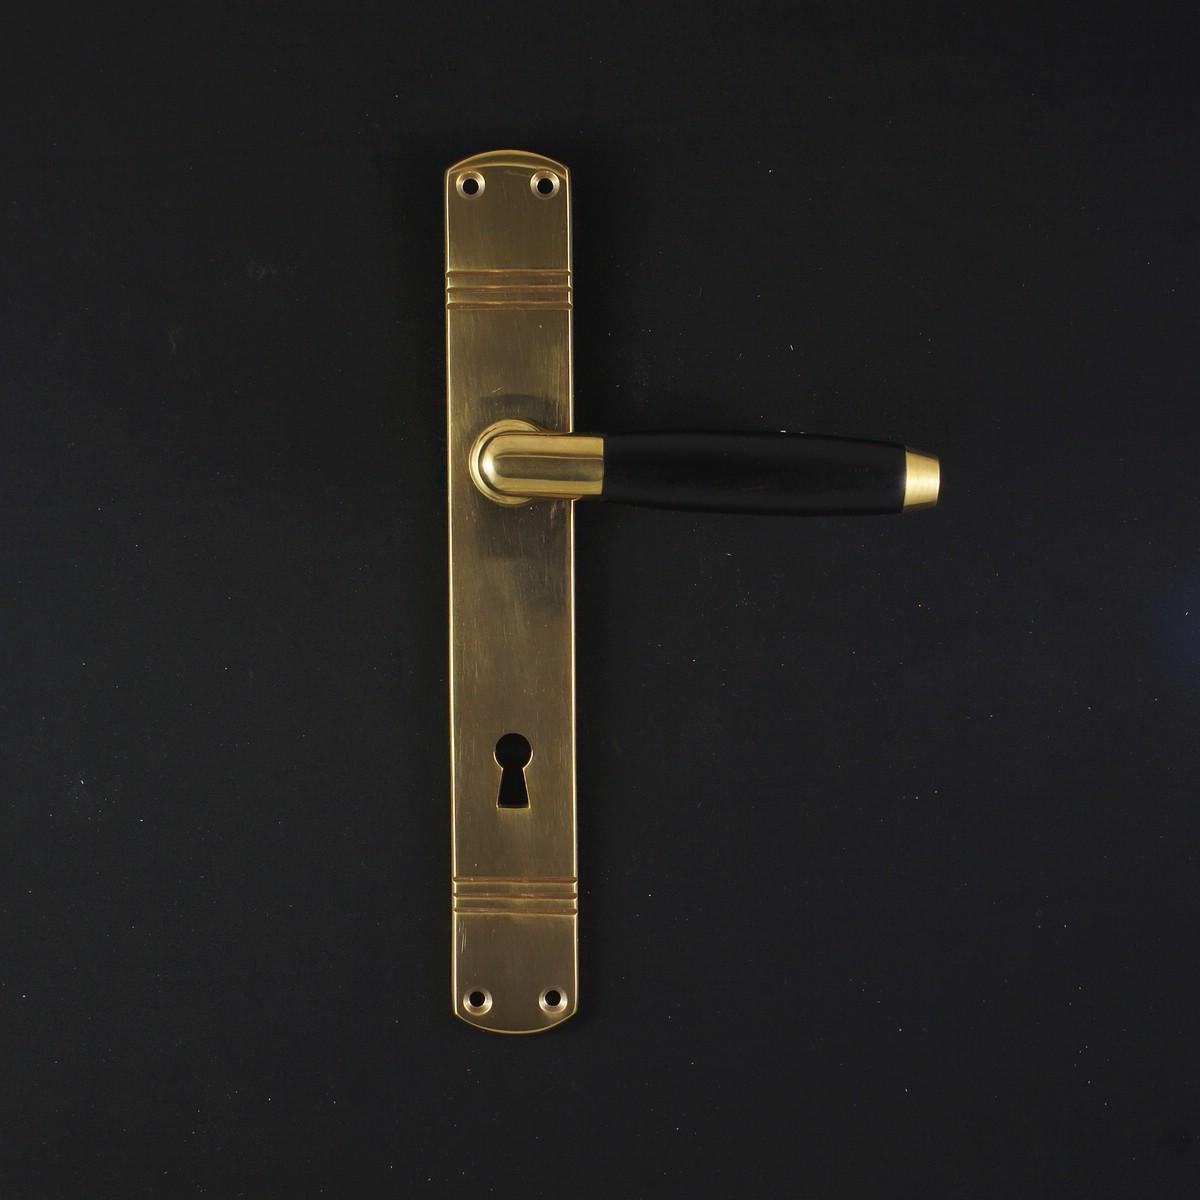 Zimmertür Langschildgarnitur - antike Türdrücker, Türklinken, Türbeschläge